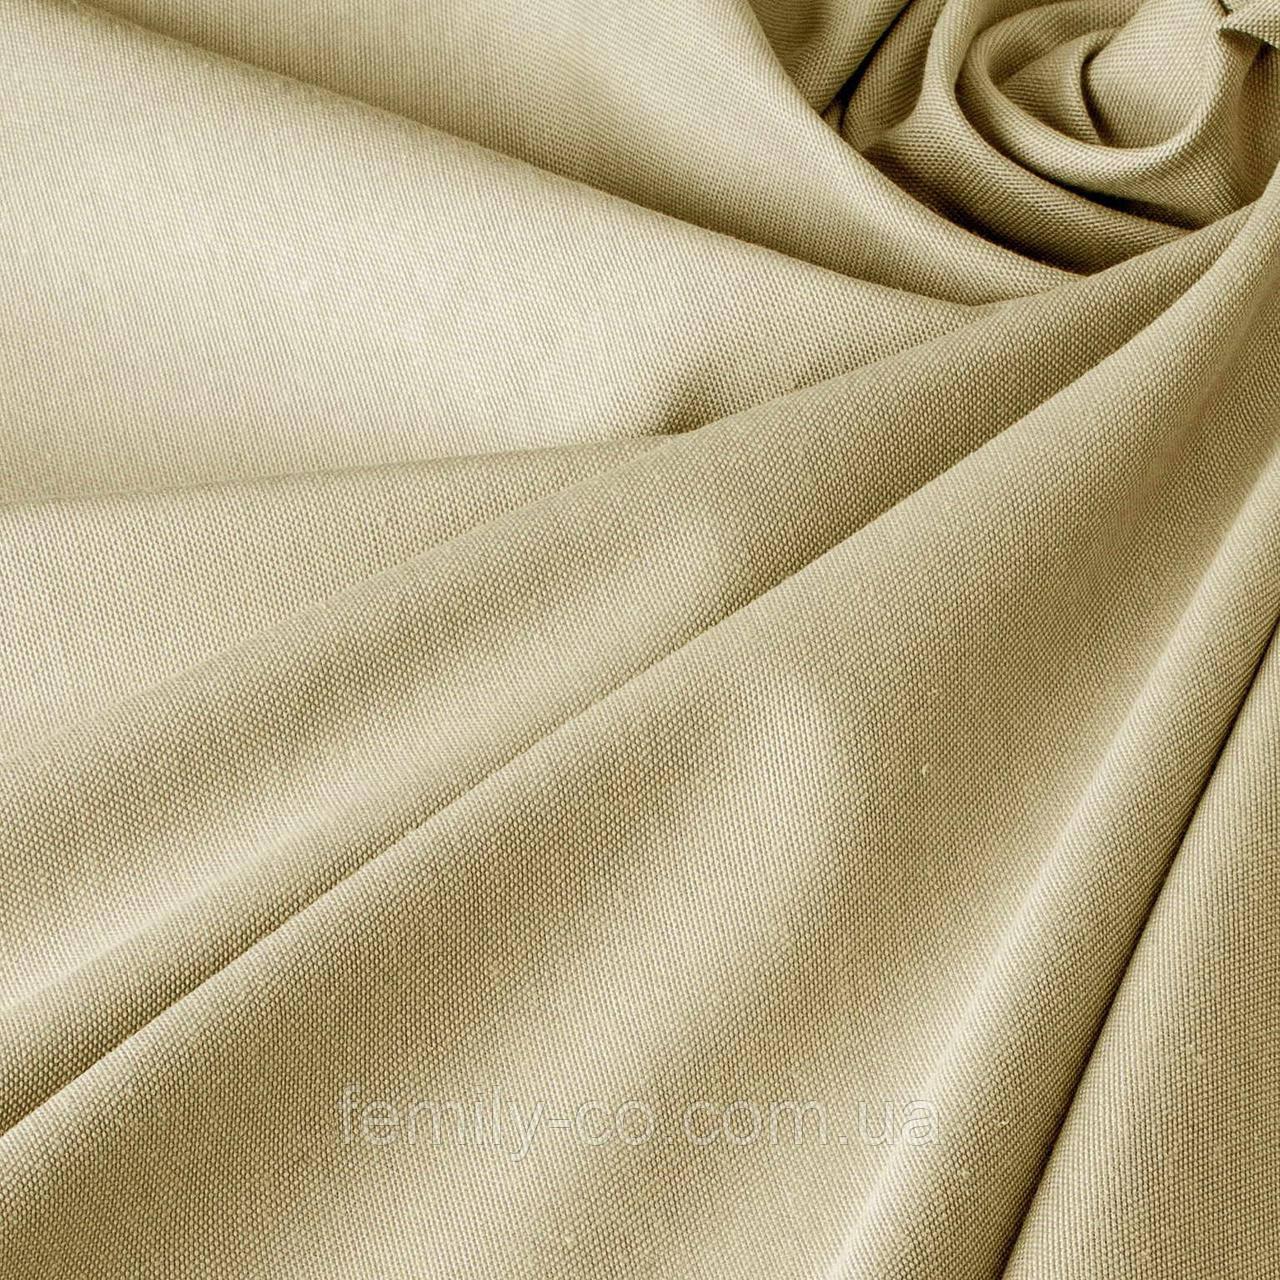 Однотонная декоративная ткань цвета кофе с молоком тефлон 81024